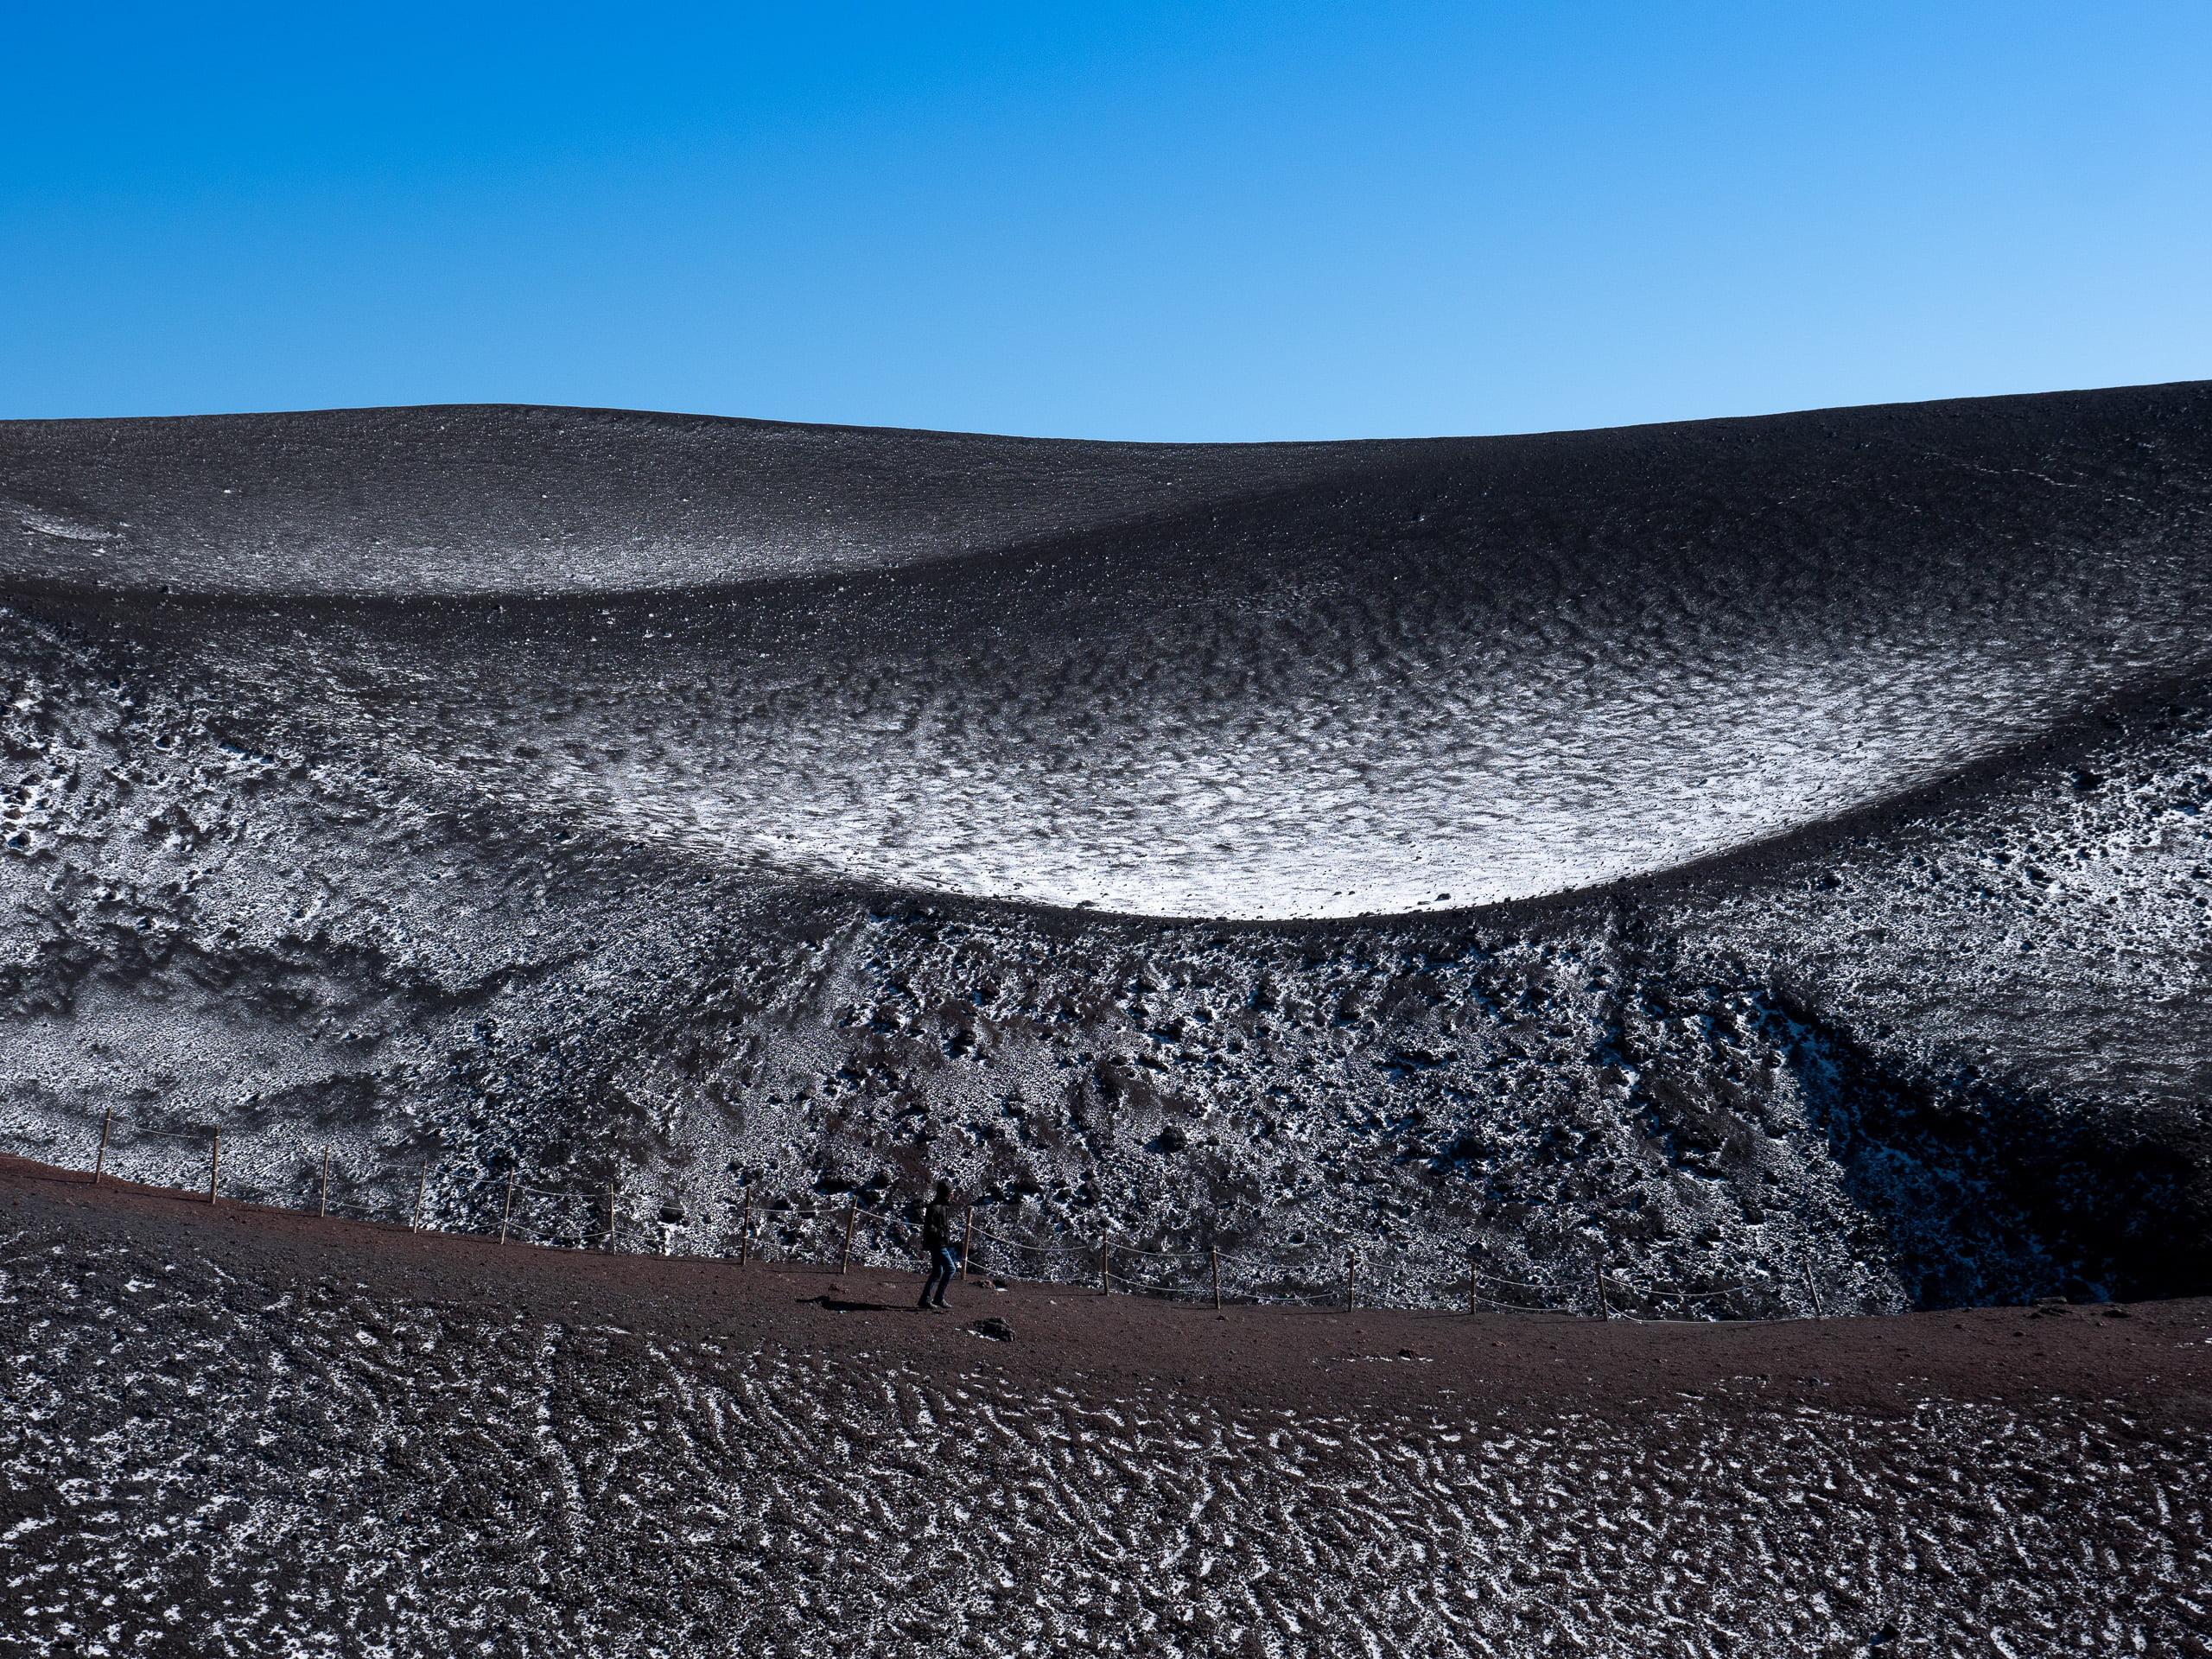 Sommet volcan etna sicile